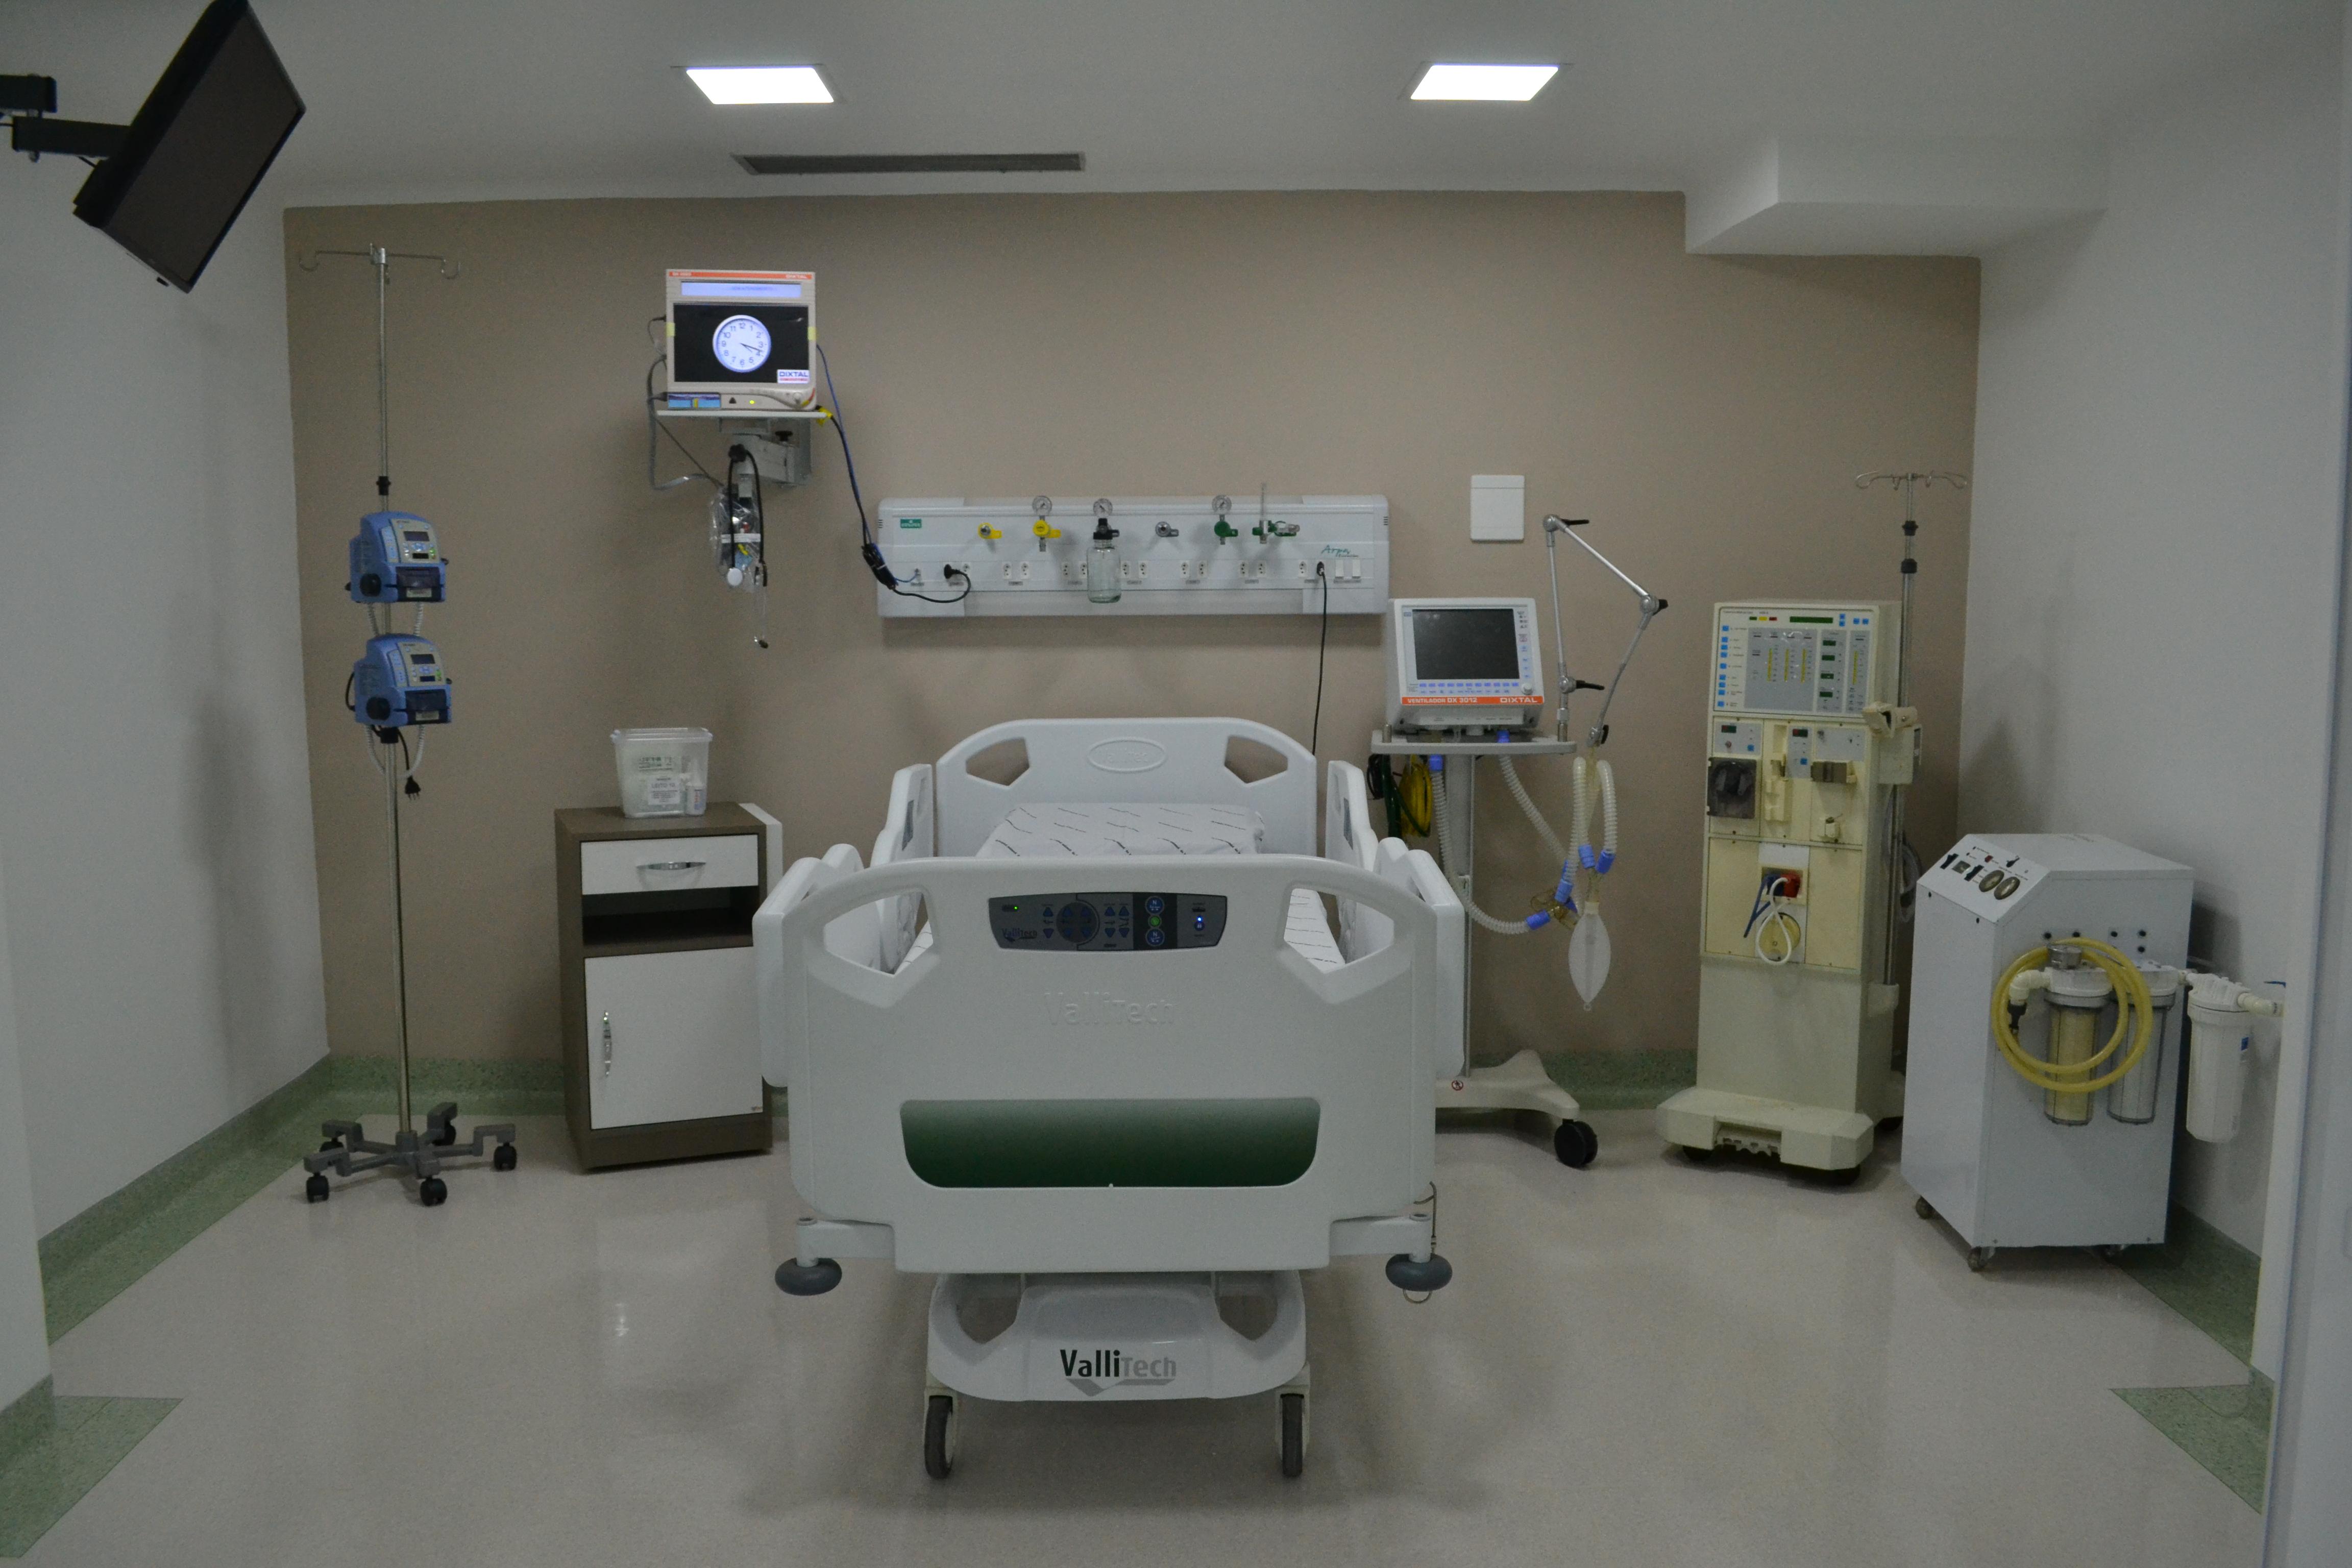 Leito na Unidade de Tratamento Intensivo; estelionatários tentam aplicar golpe em familiares de pacientes (Arquivo Atos)